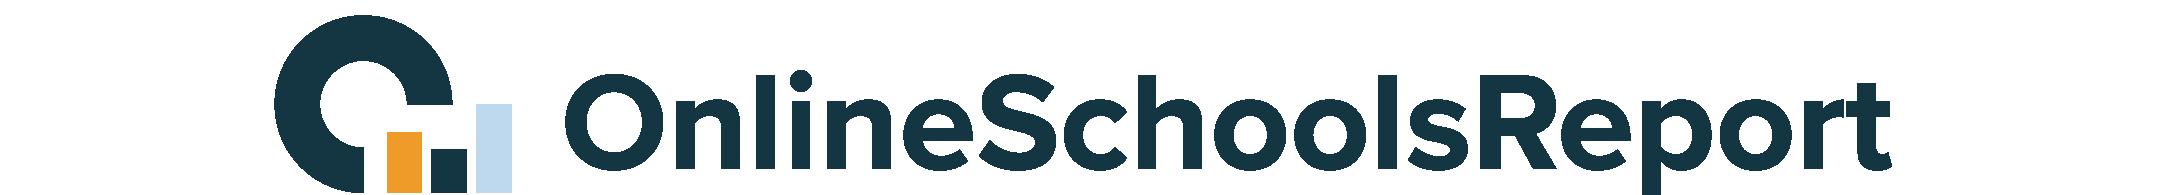 Online Schools Report logo